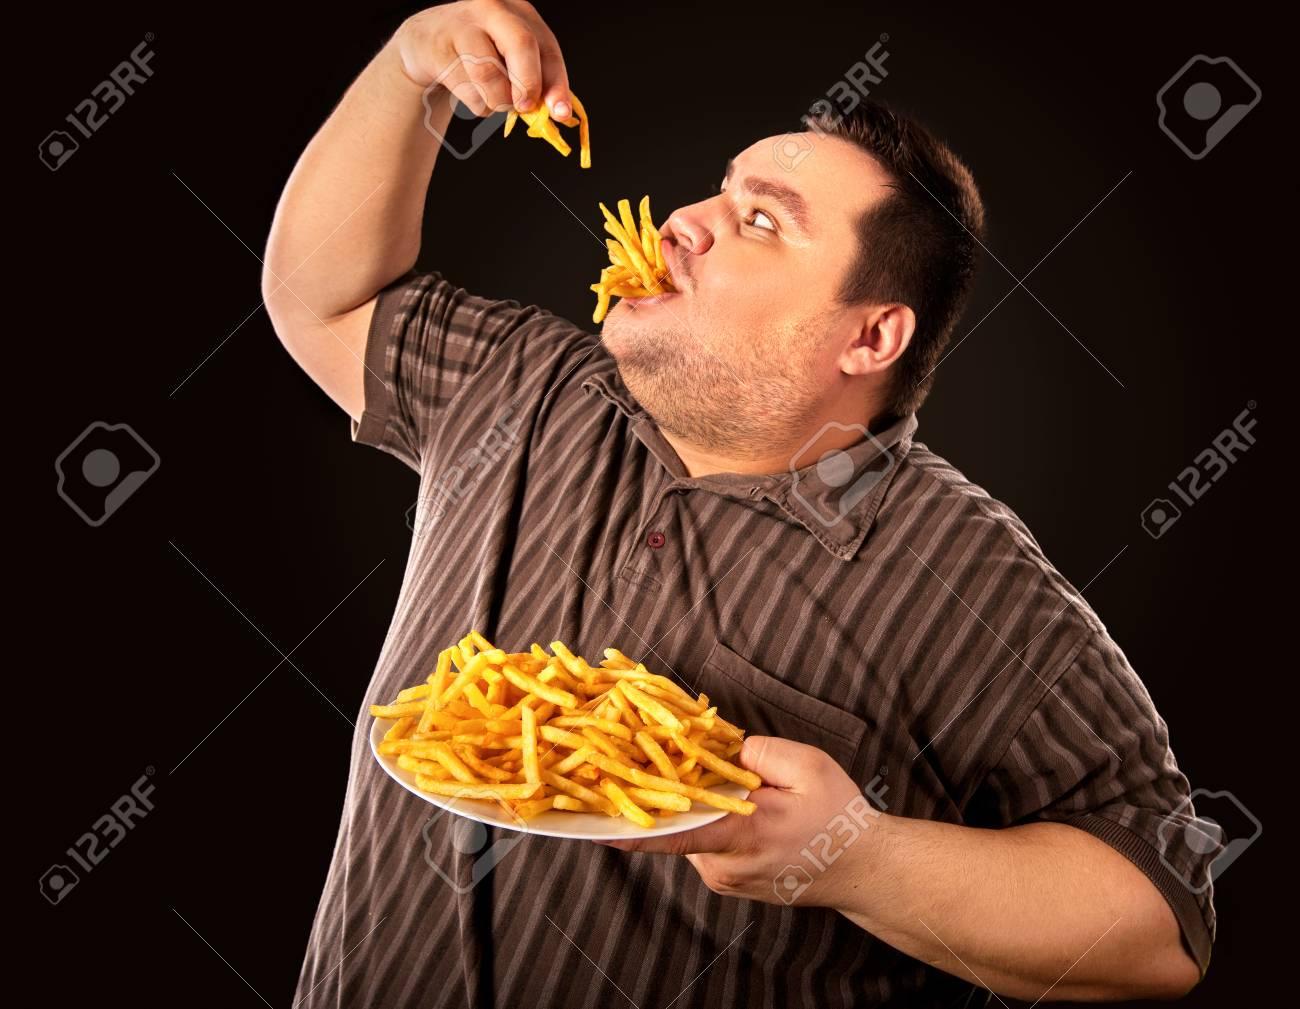 Fracaso De La Dieta Del Hombre Gordo Comiendo Comida Rápida. Persona Con Sobrepeso Que Echó A Perder Alimentos Saludables Al Comer Papas Fritas. La Comida Chatarra Conduce A La Obesidad. La Persona